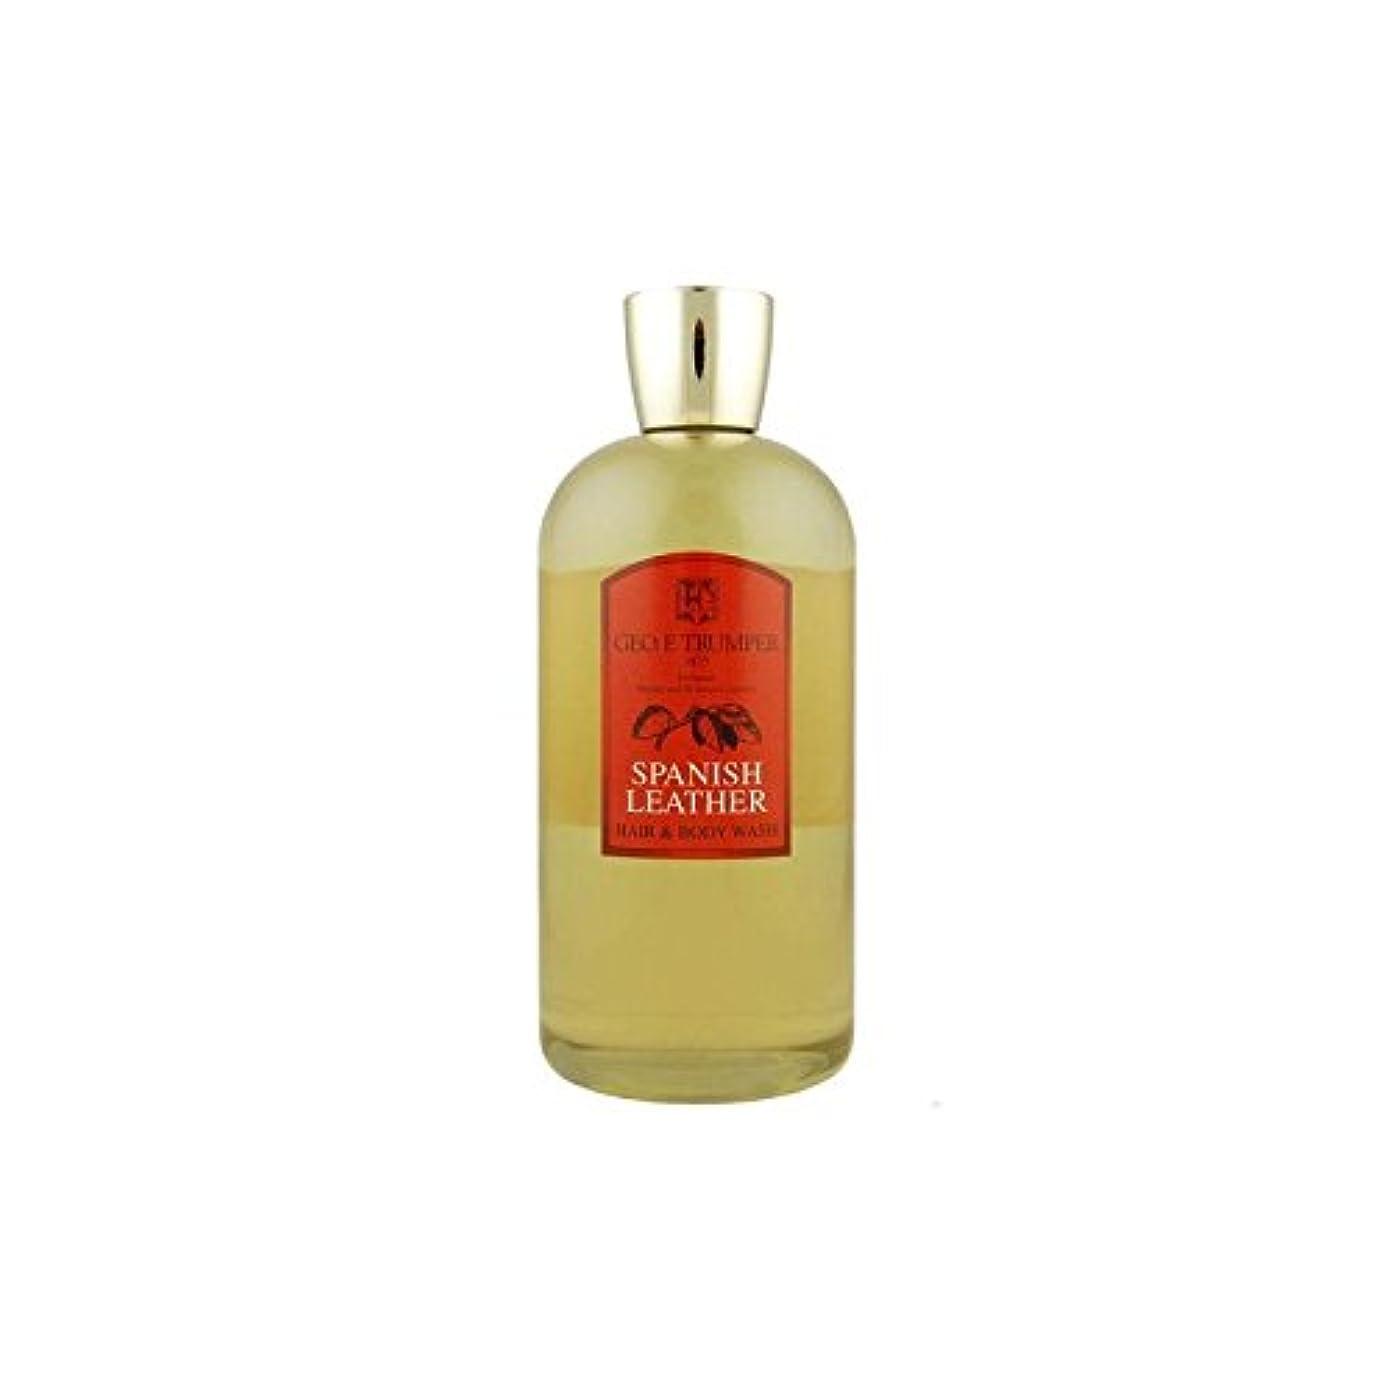 イベントロッカーメンテナンスTrumpers Spanish Leather Hair and Body Wash - 500mlTravel Bottle (Pack of 6) - 革の髪とボディウォッシュスペイン語 - 500ボトル x6 [...